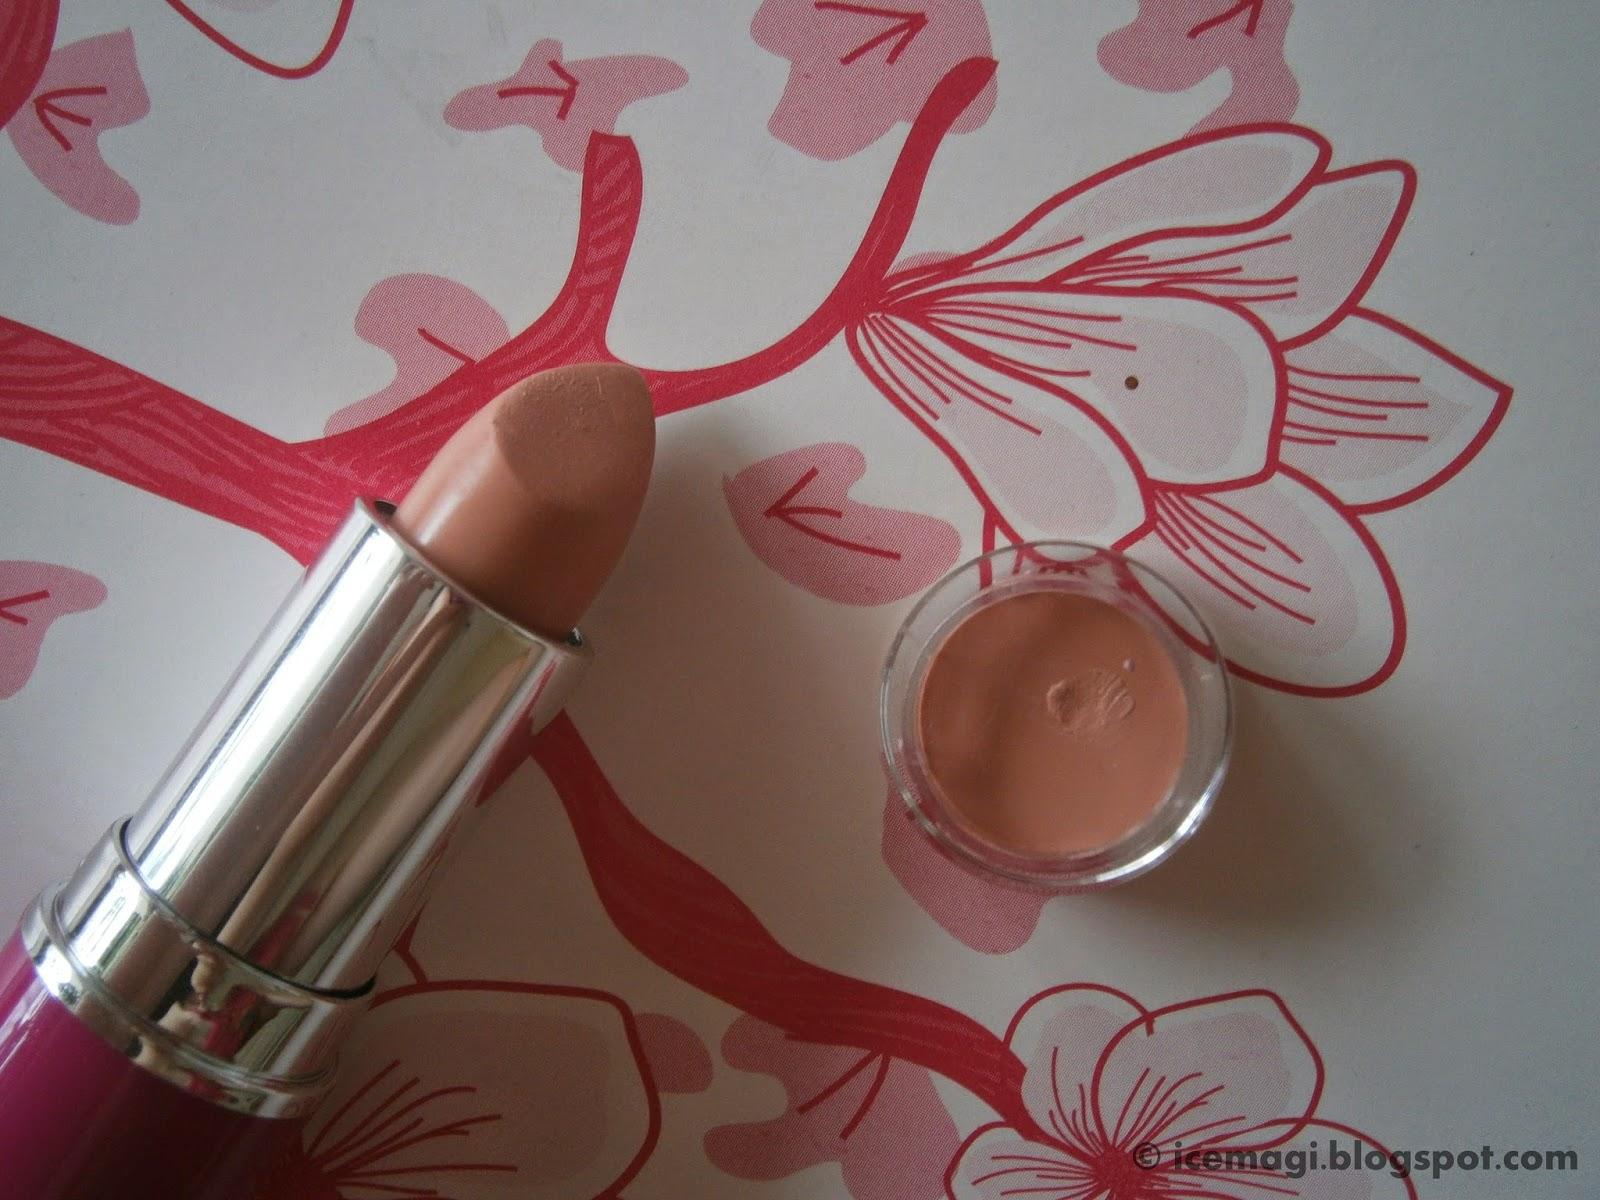 b.pretty lipstick